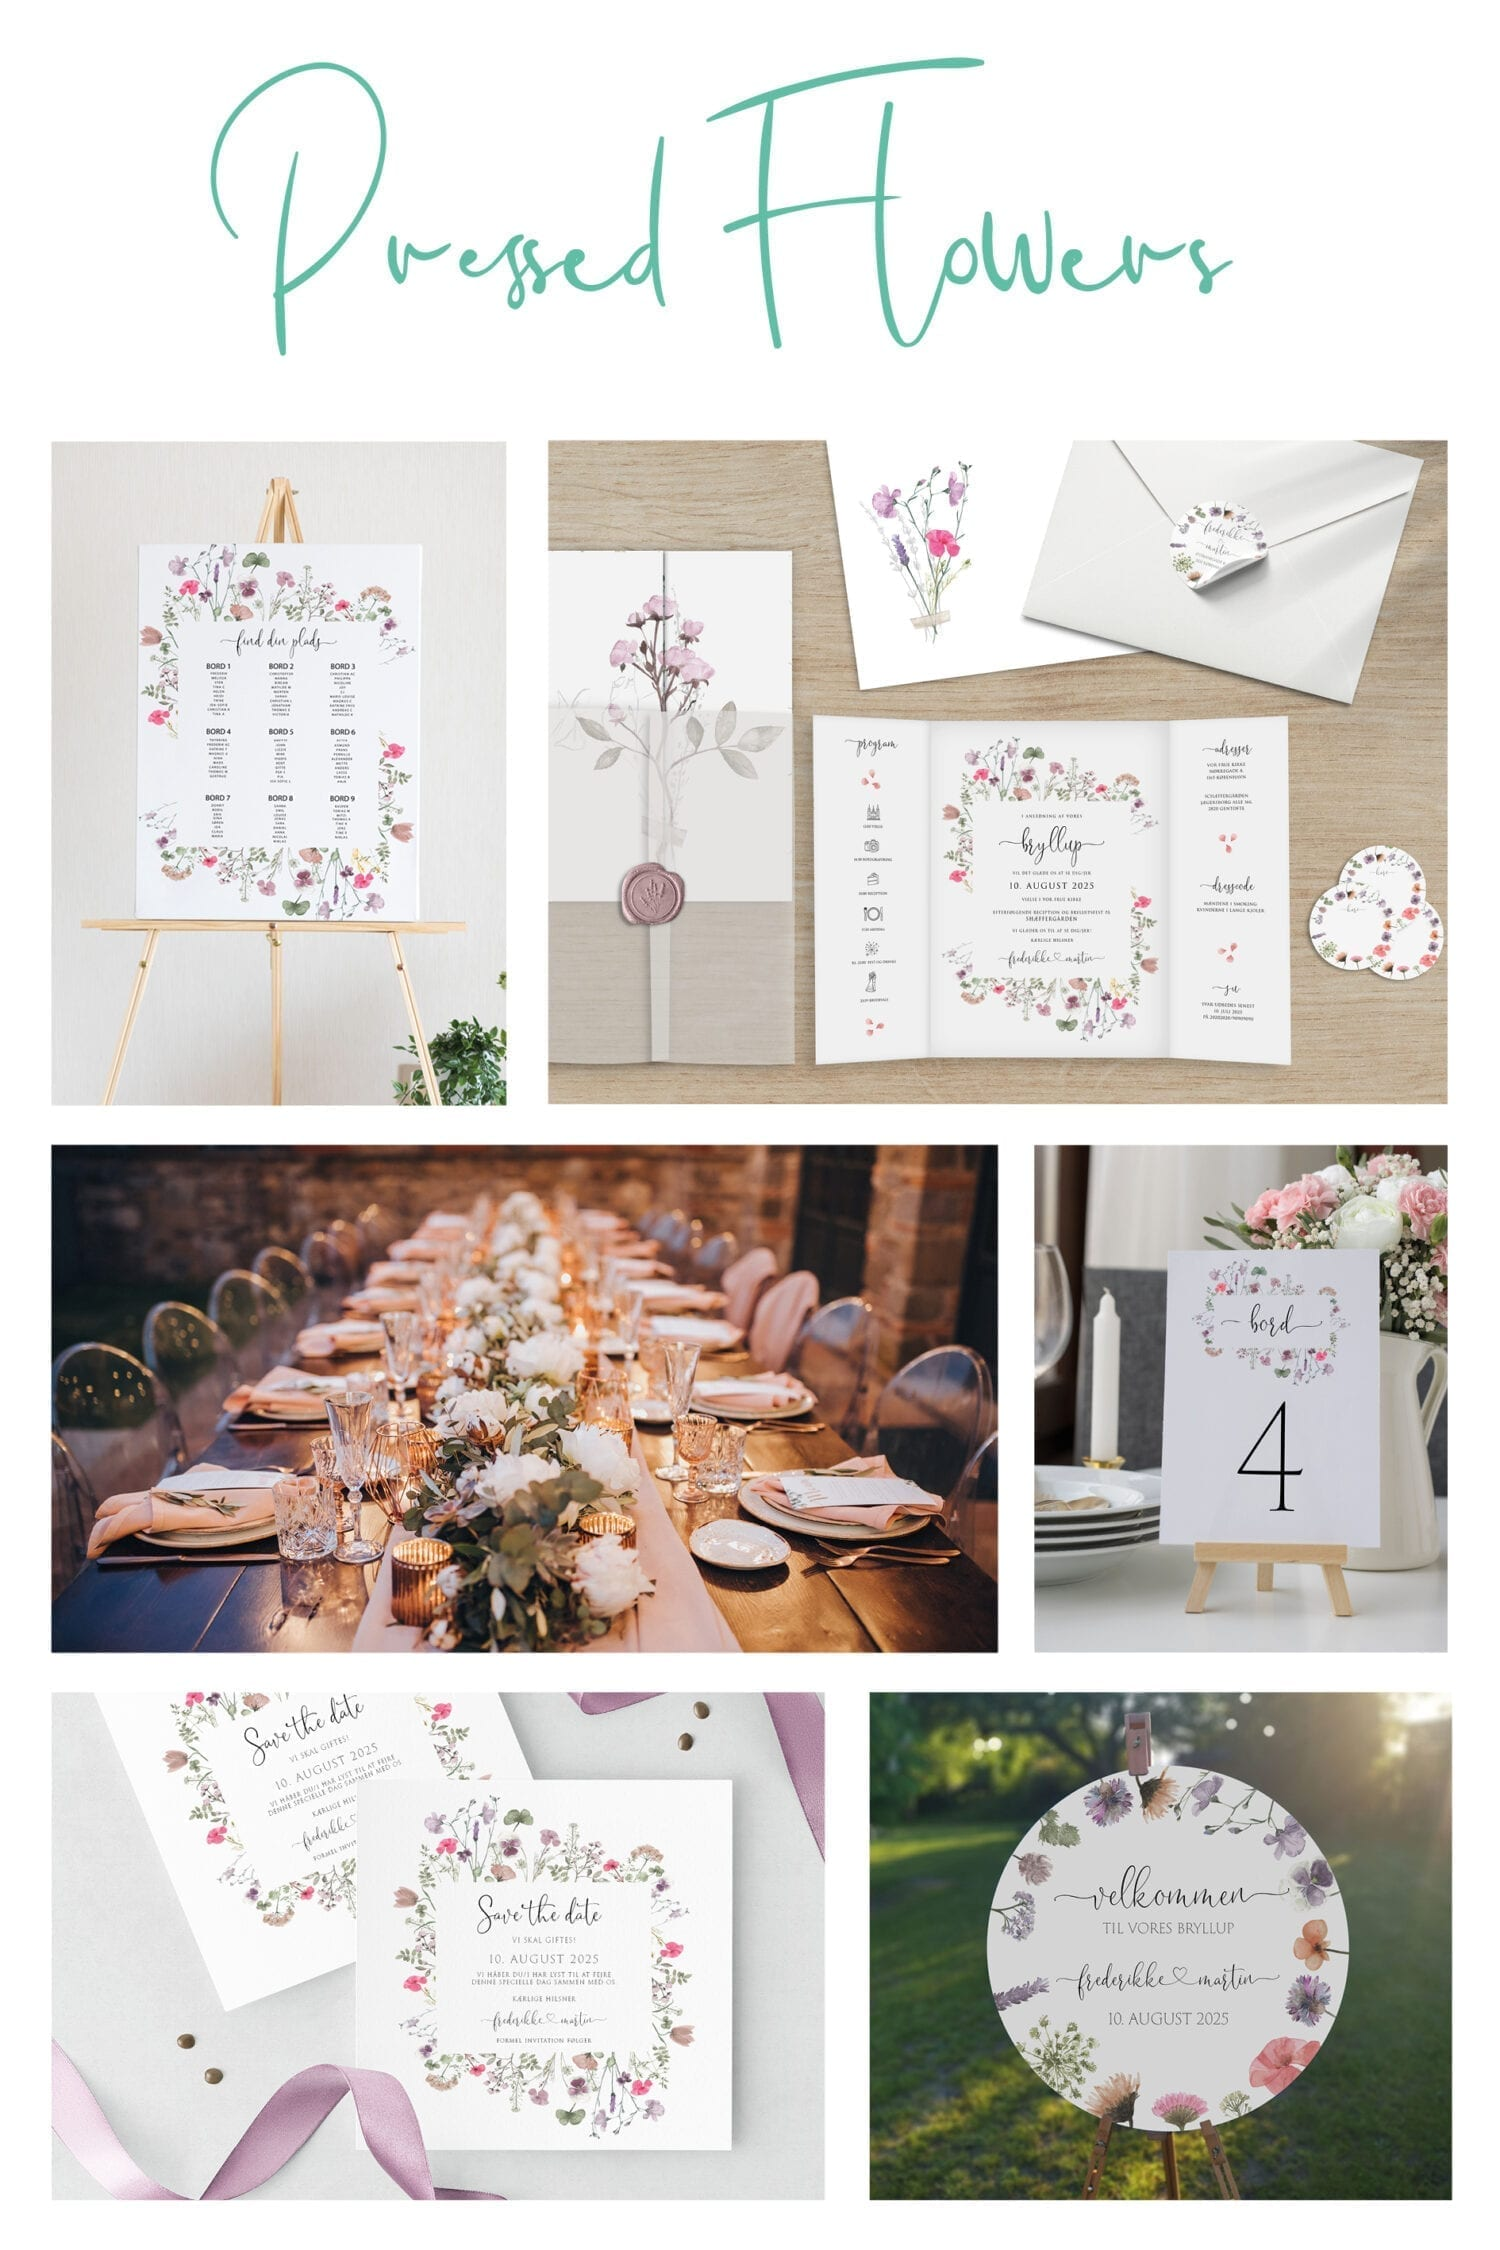 Pressed Flowers kortserie - Se helt udvalget